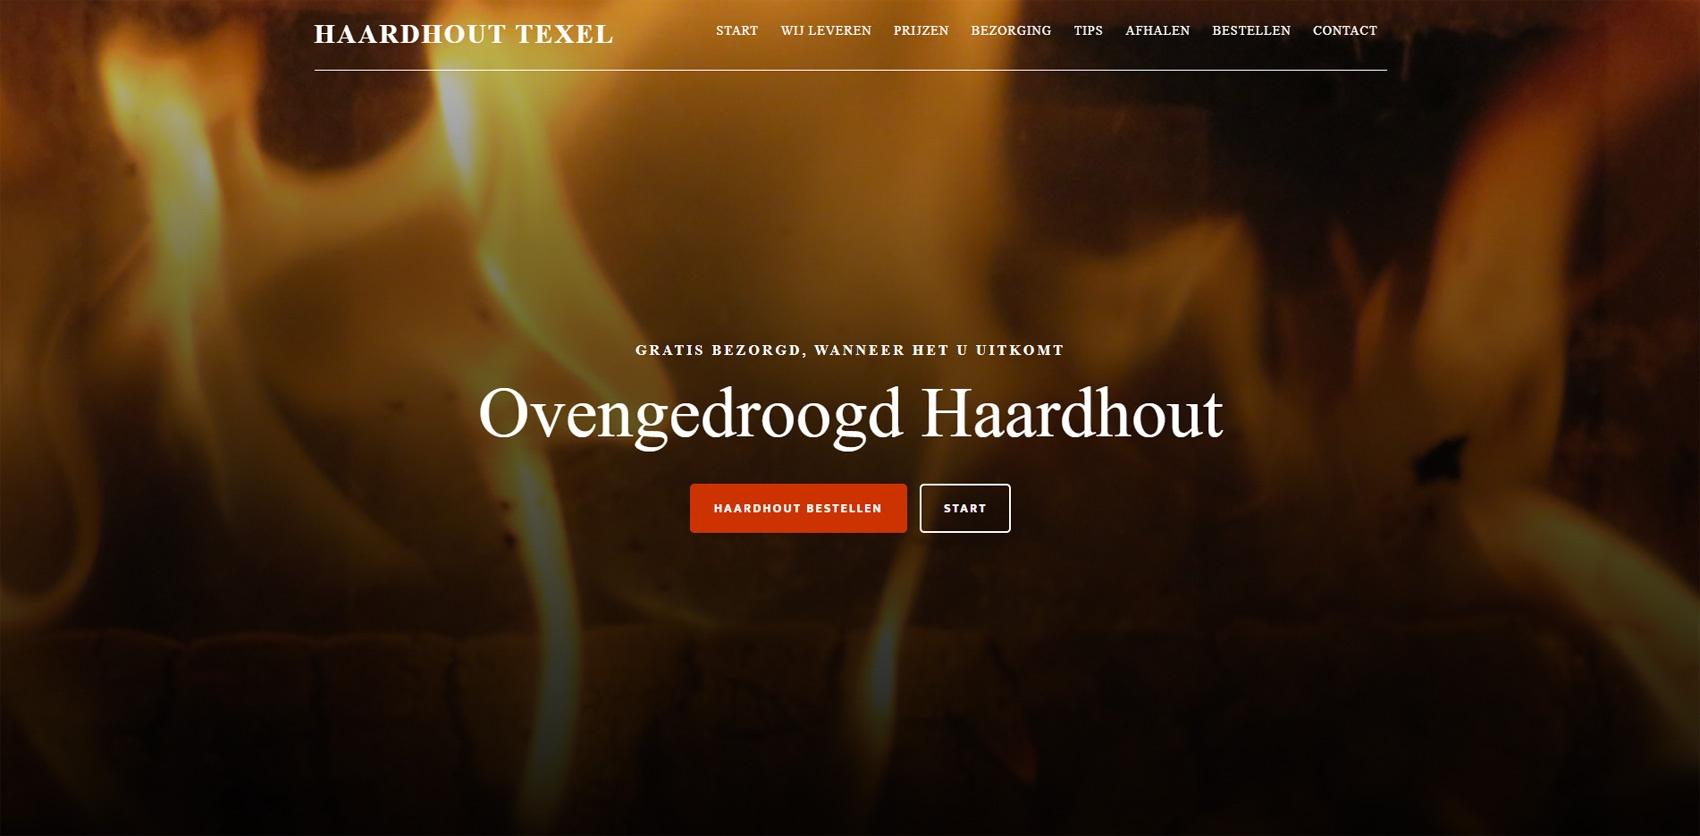 Haardhout Texel